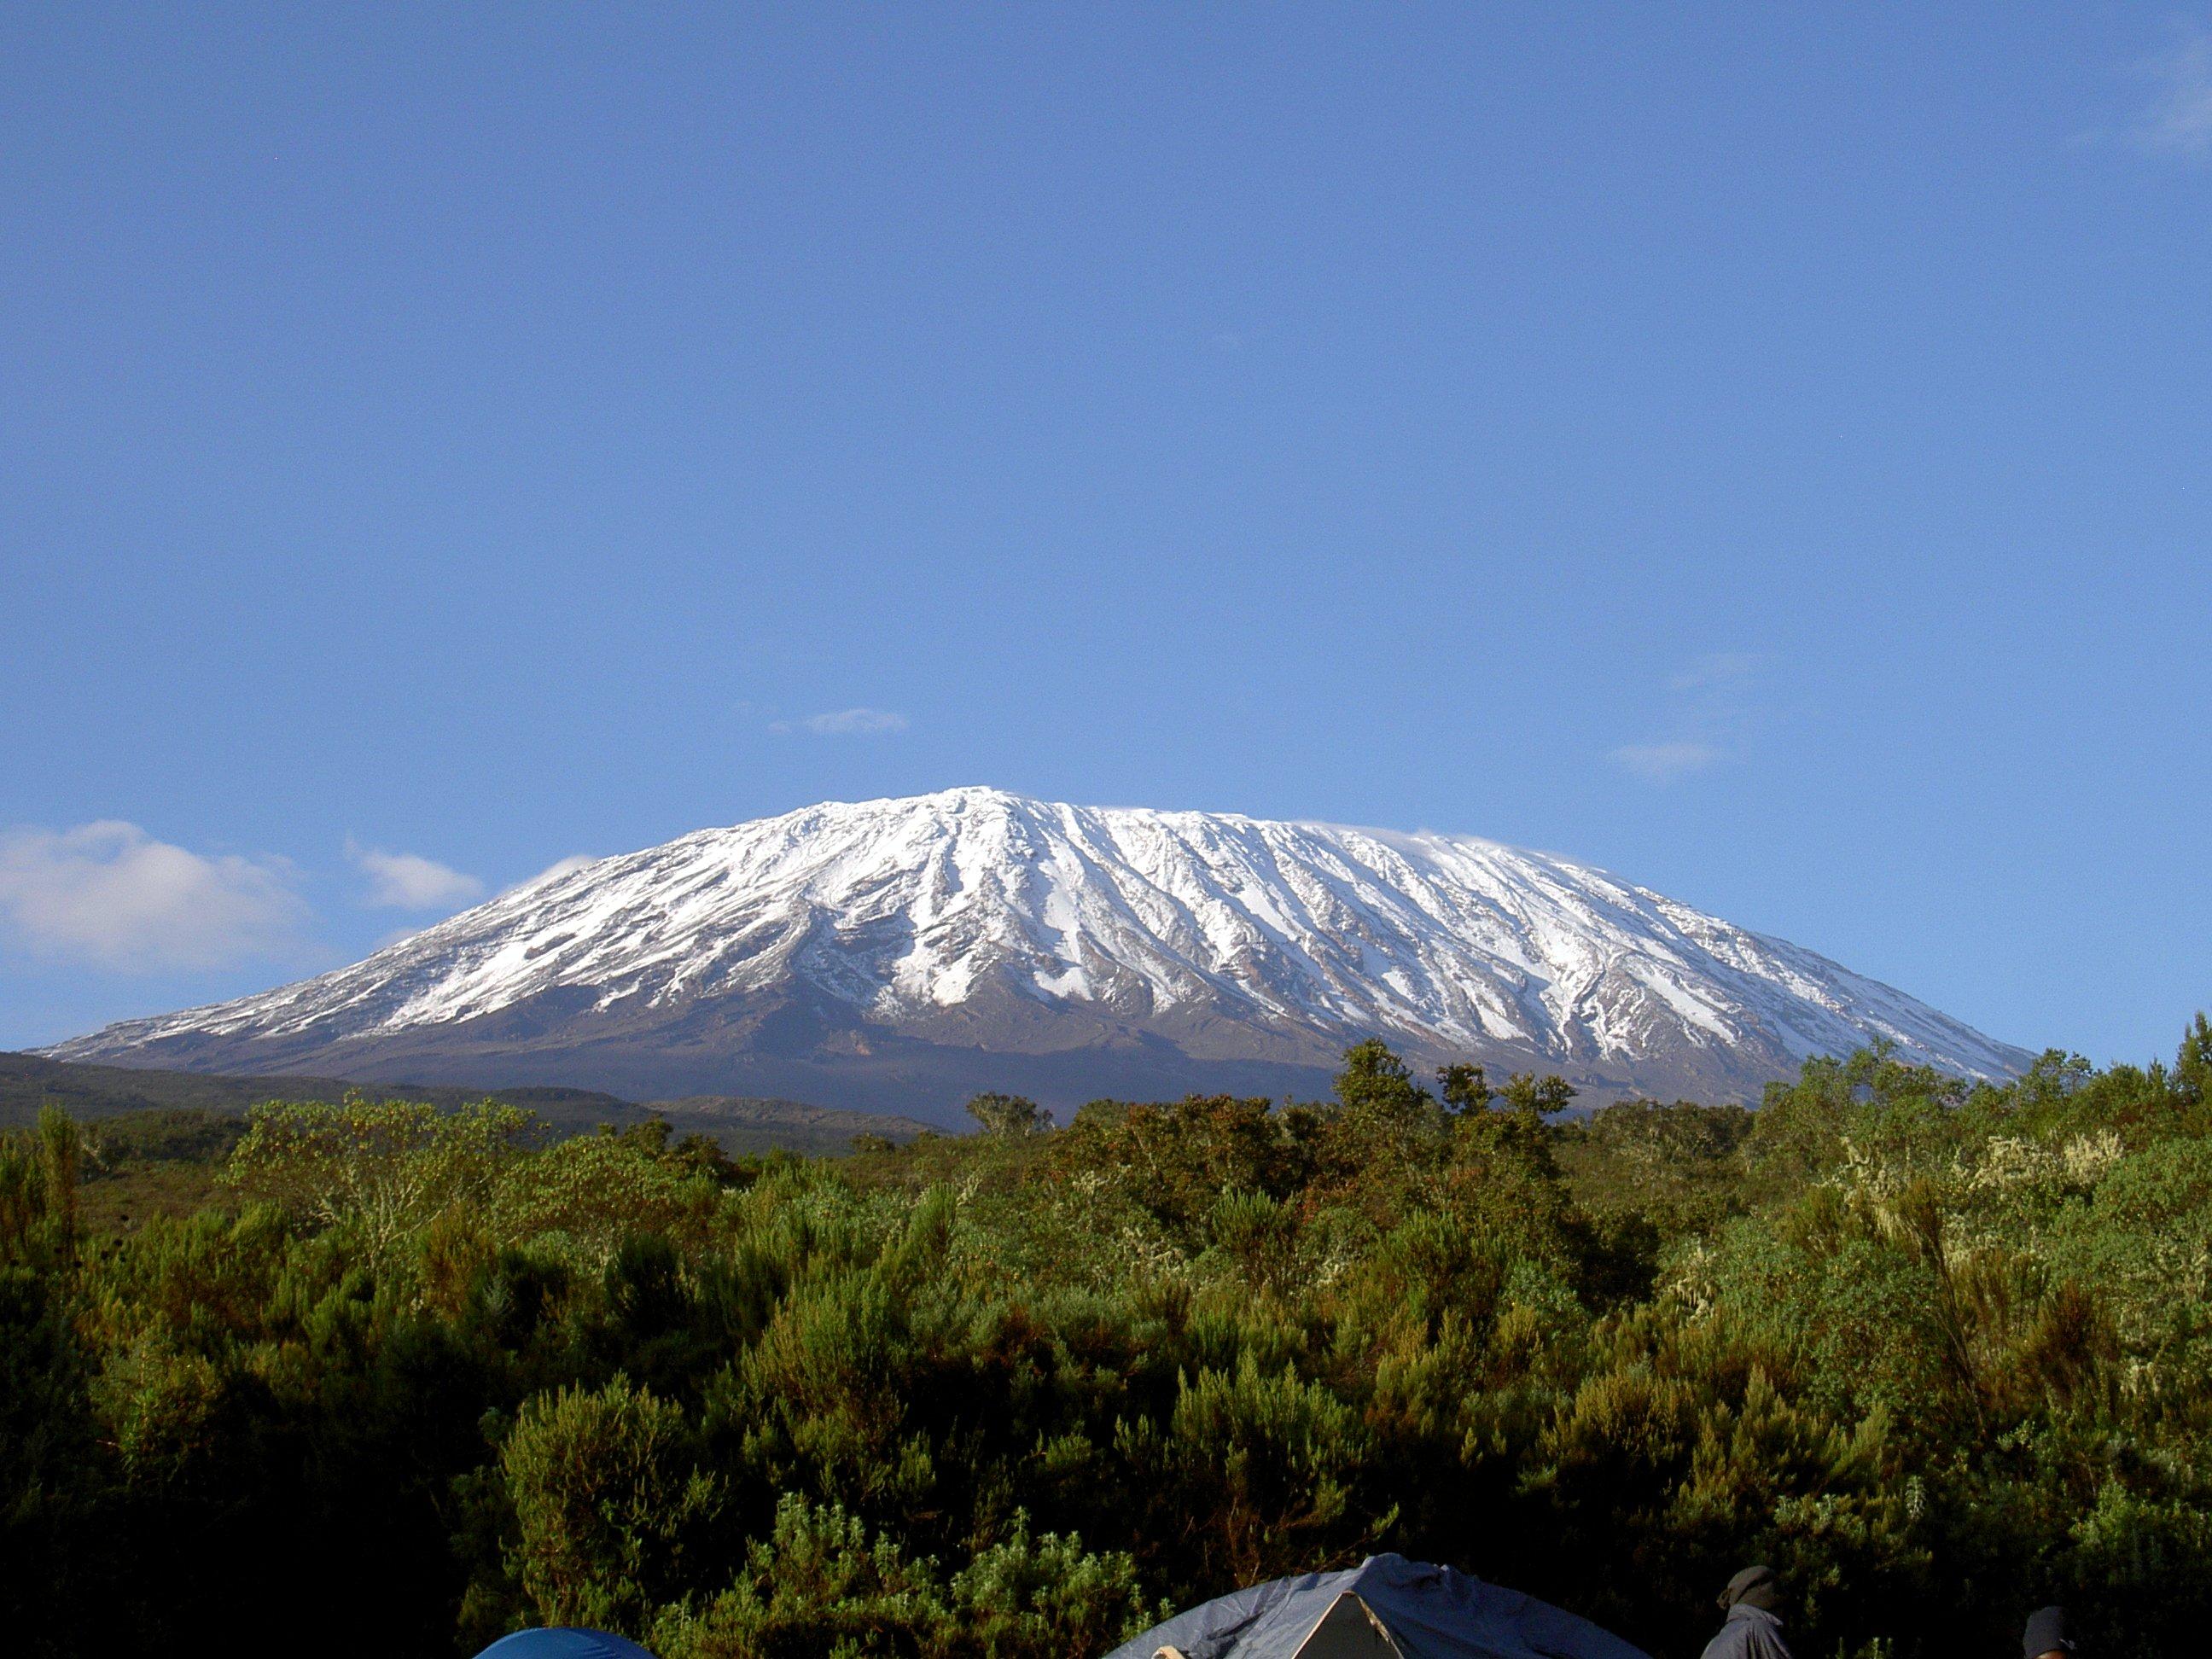 mt-_kilimanjaro_12-2006